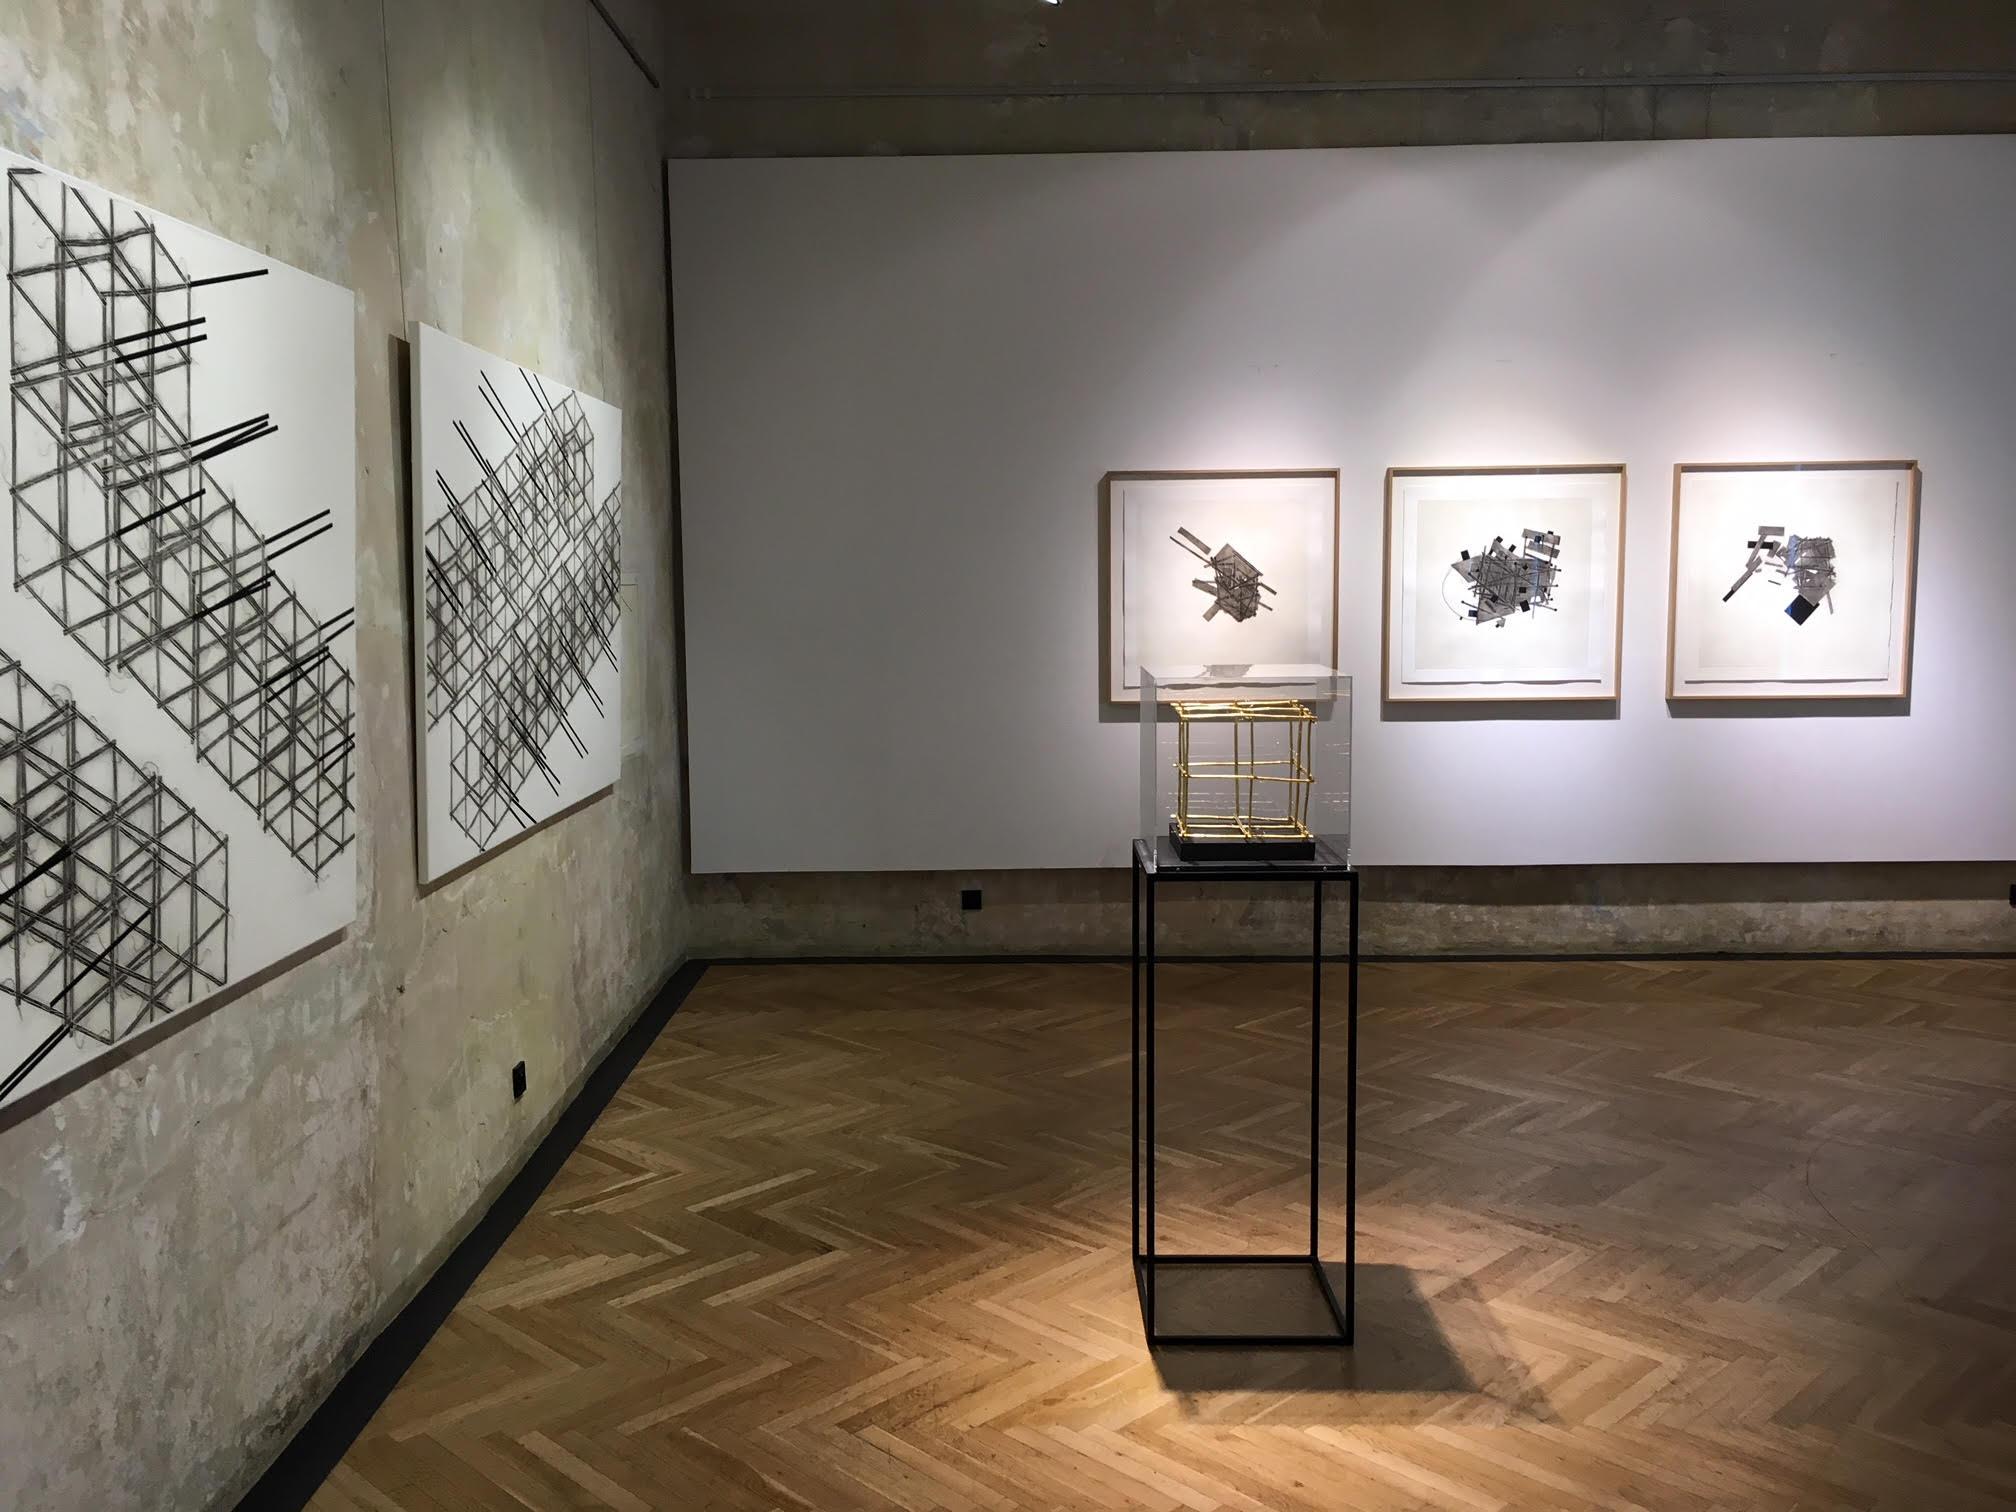 Cermak Gallery 6.jpg